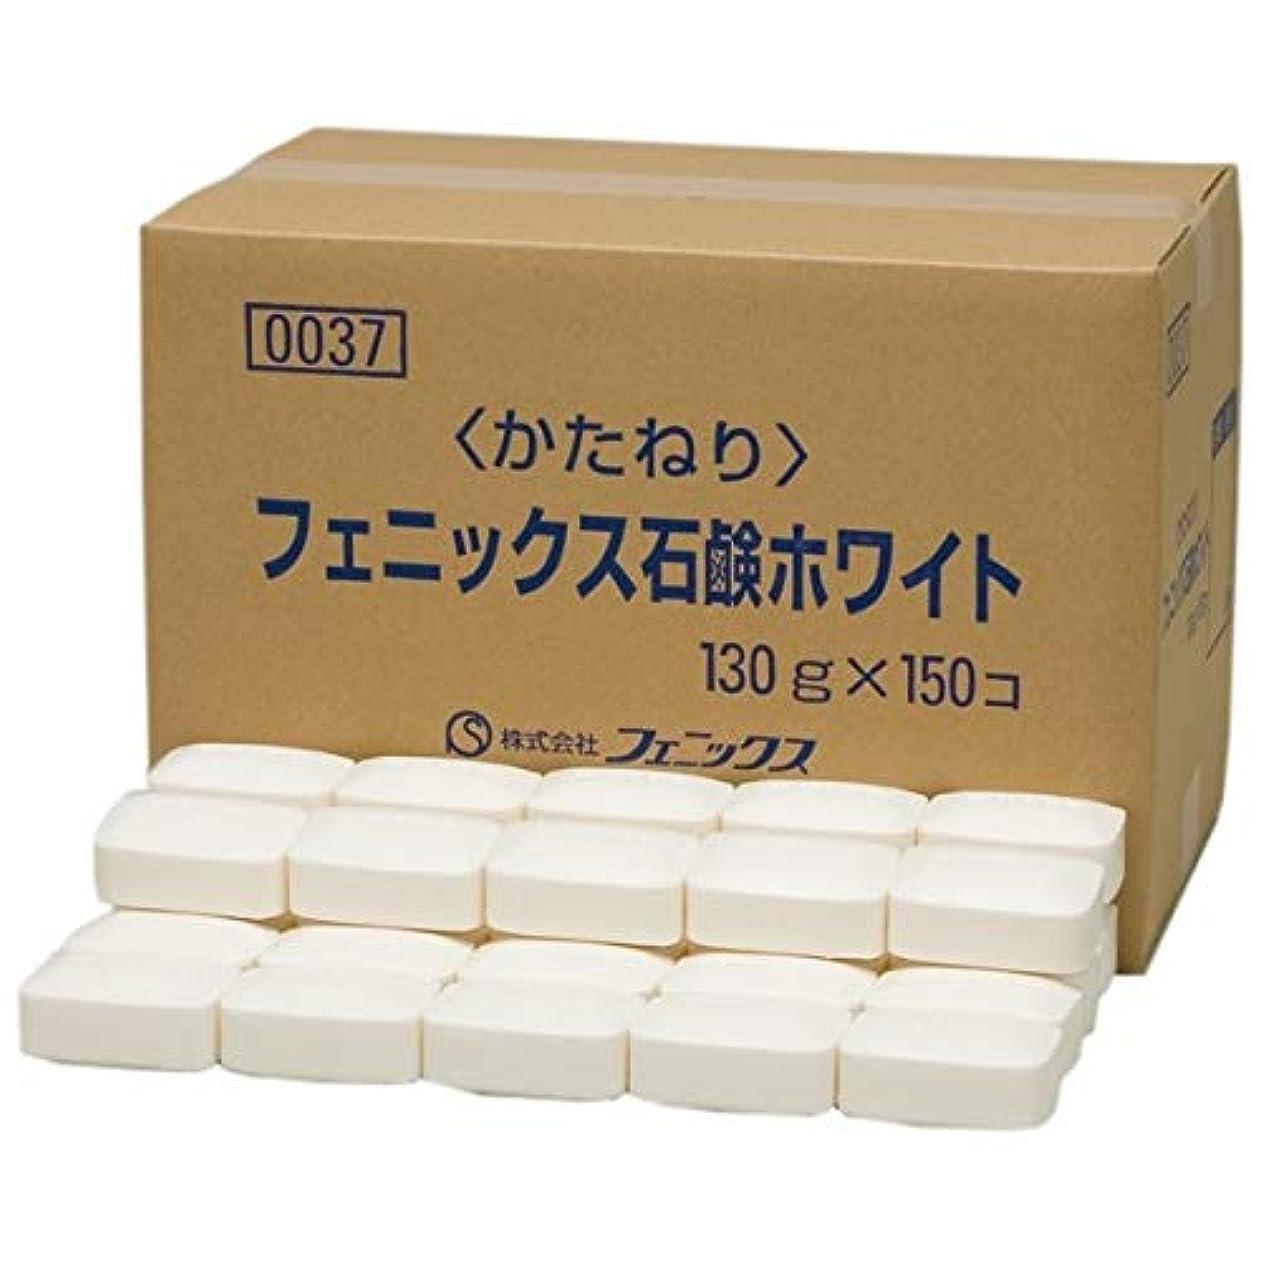 レーザいつでも省フェニックスホワイト石鹸 130g×150個入